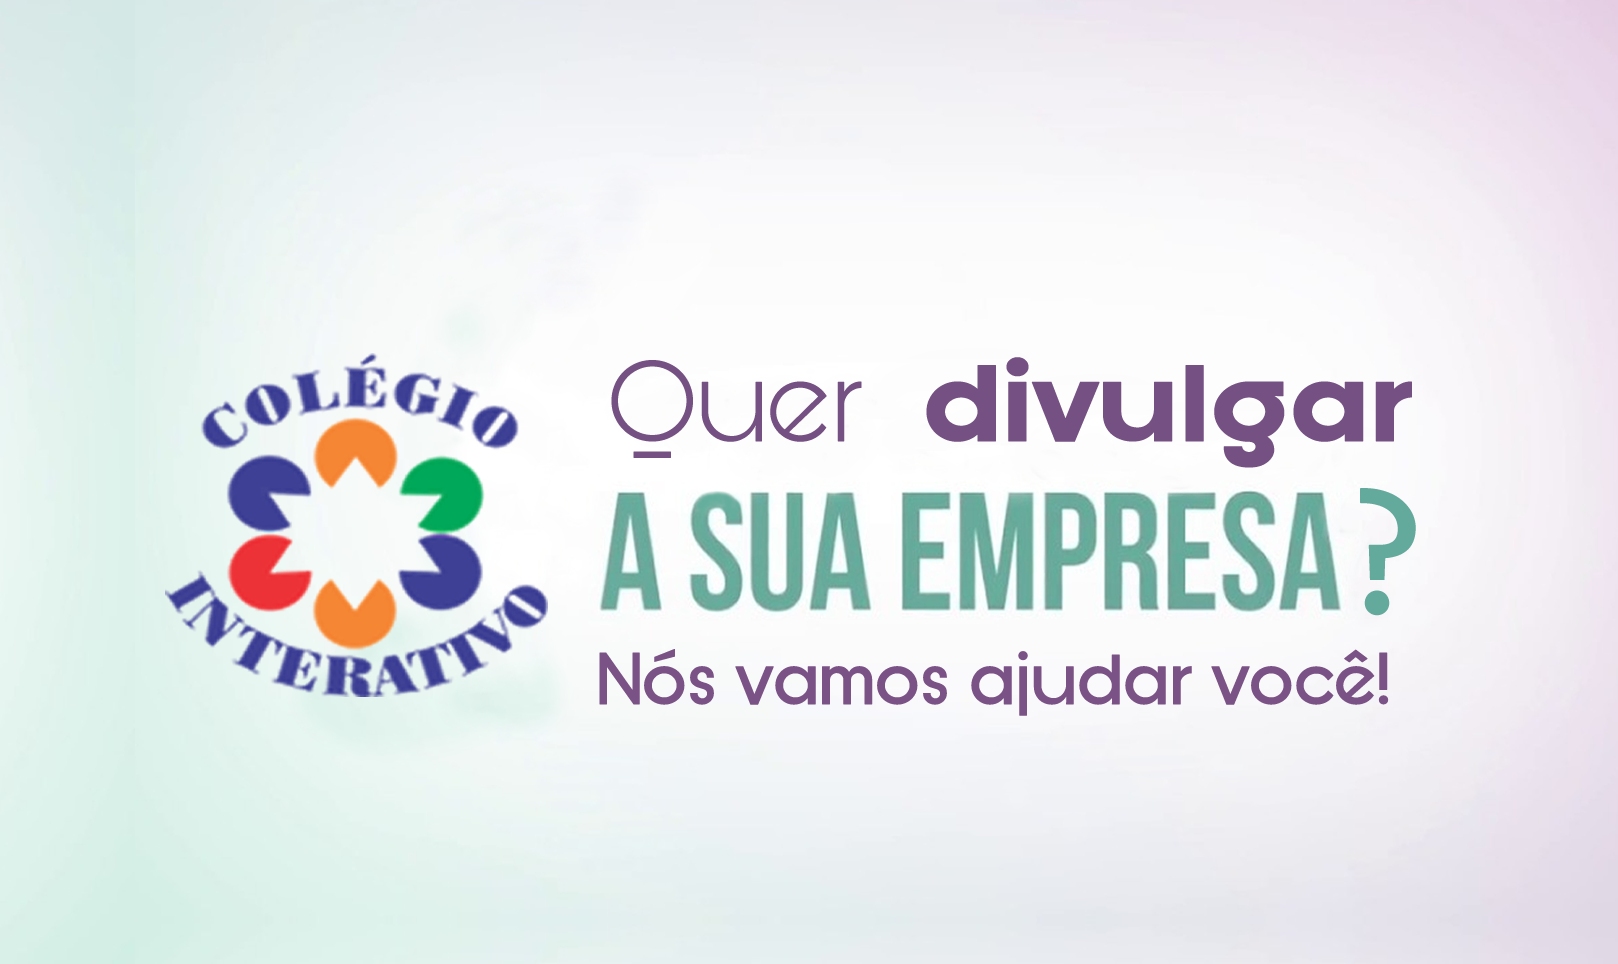 Quer divulgar sua empresa ou négócio? Nós vamos ajudar você!